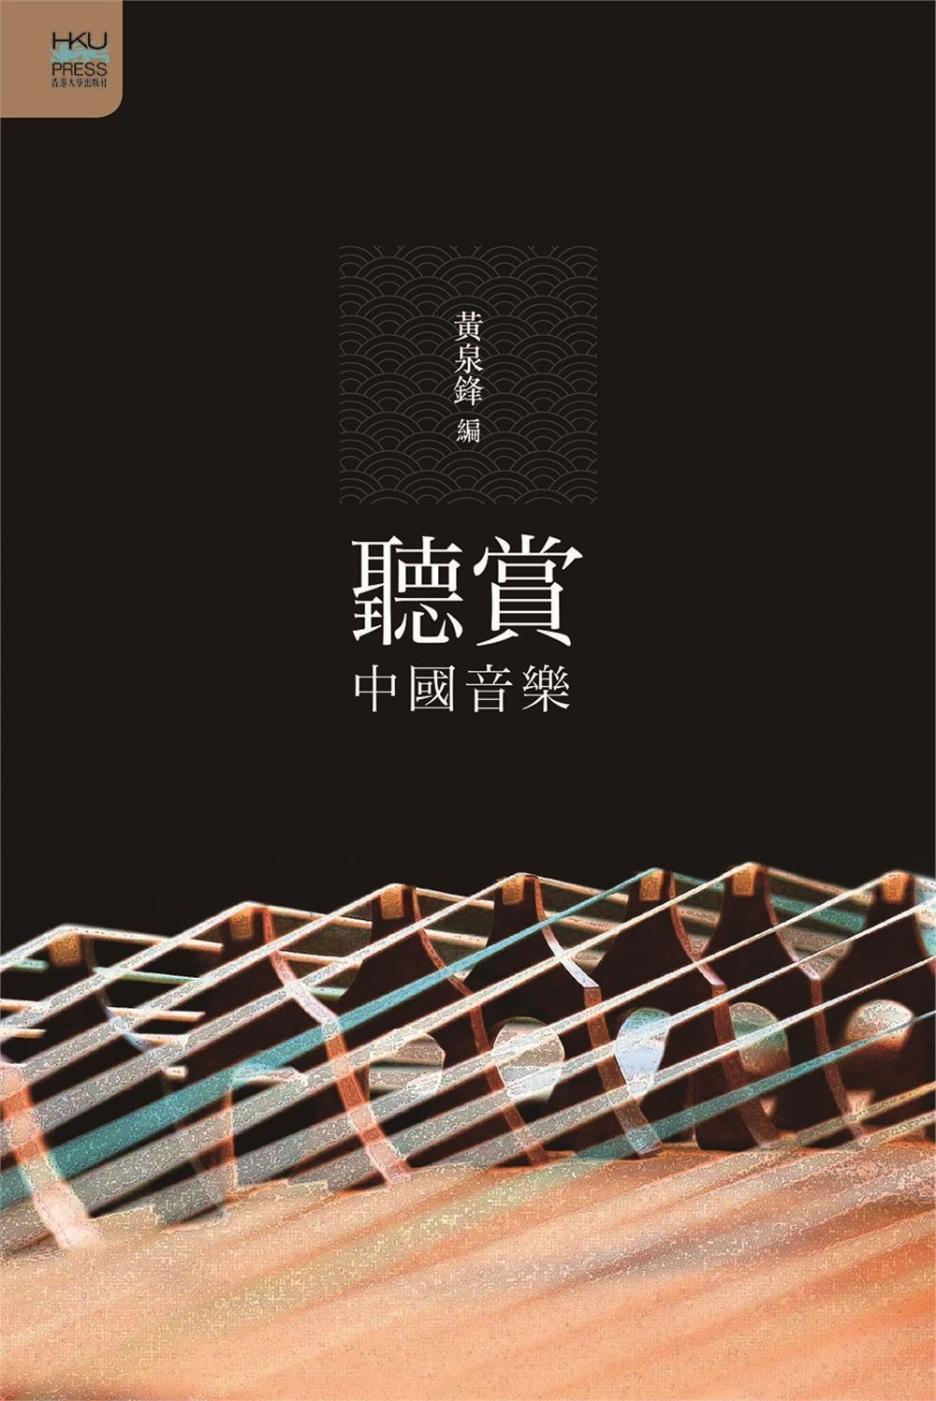 聽賞中國音樂